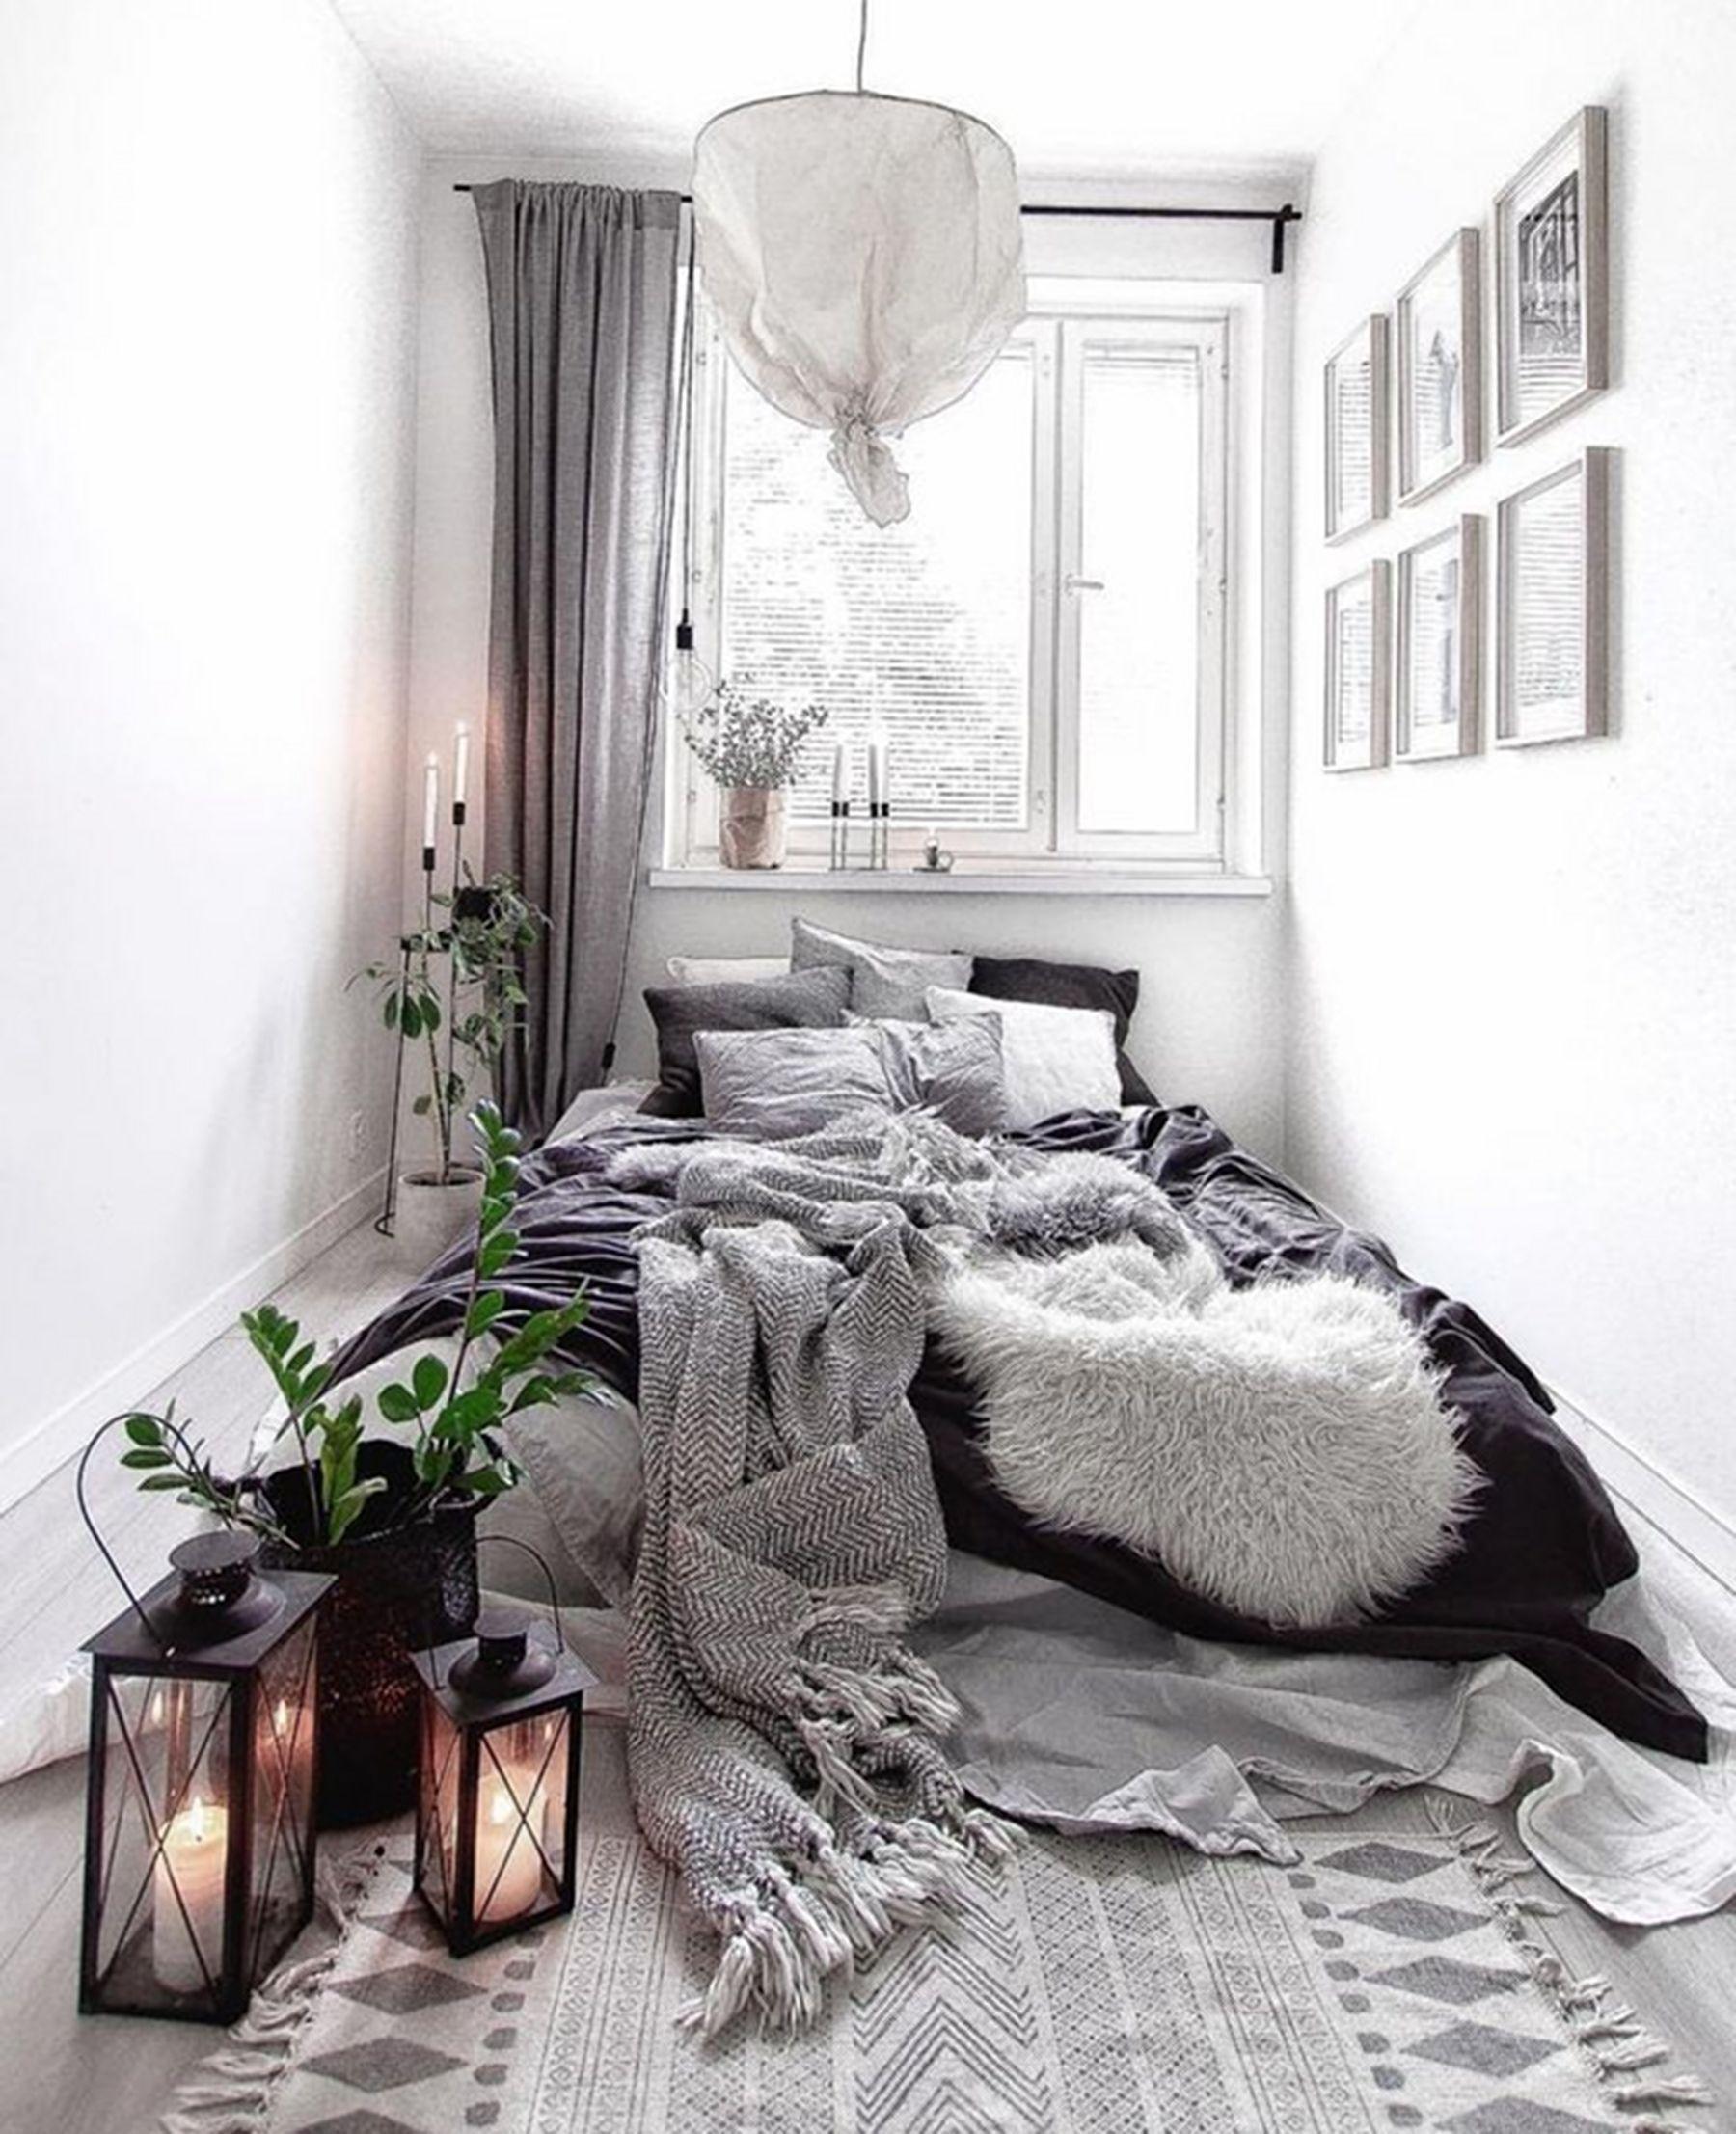 10 Amazing Bohemian Style Design Inspiration For You Xtradecor Gemutliche Kleine Schlafzimmer Kleine Wohnung Dekorieren Wohnzimmer Ideen Wohnung Gray boho bedroom ideas